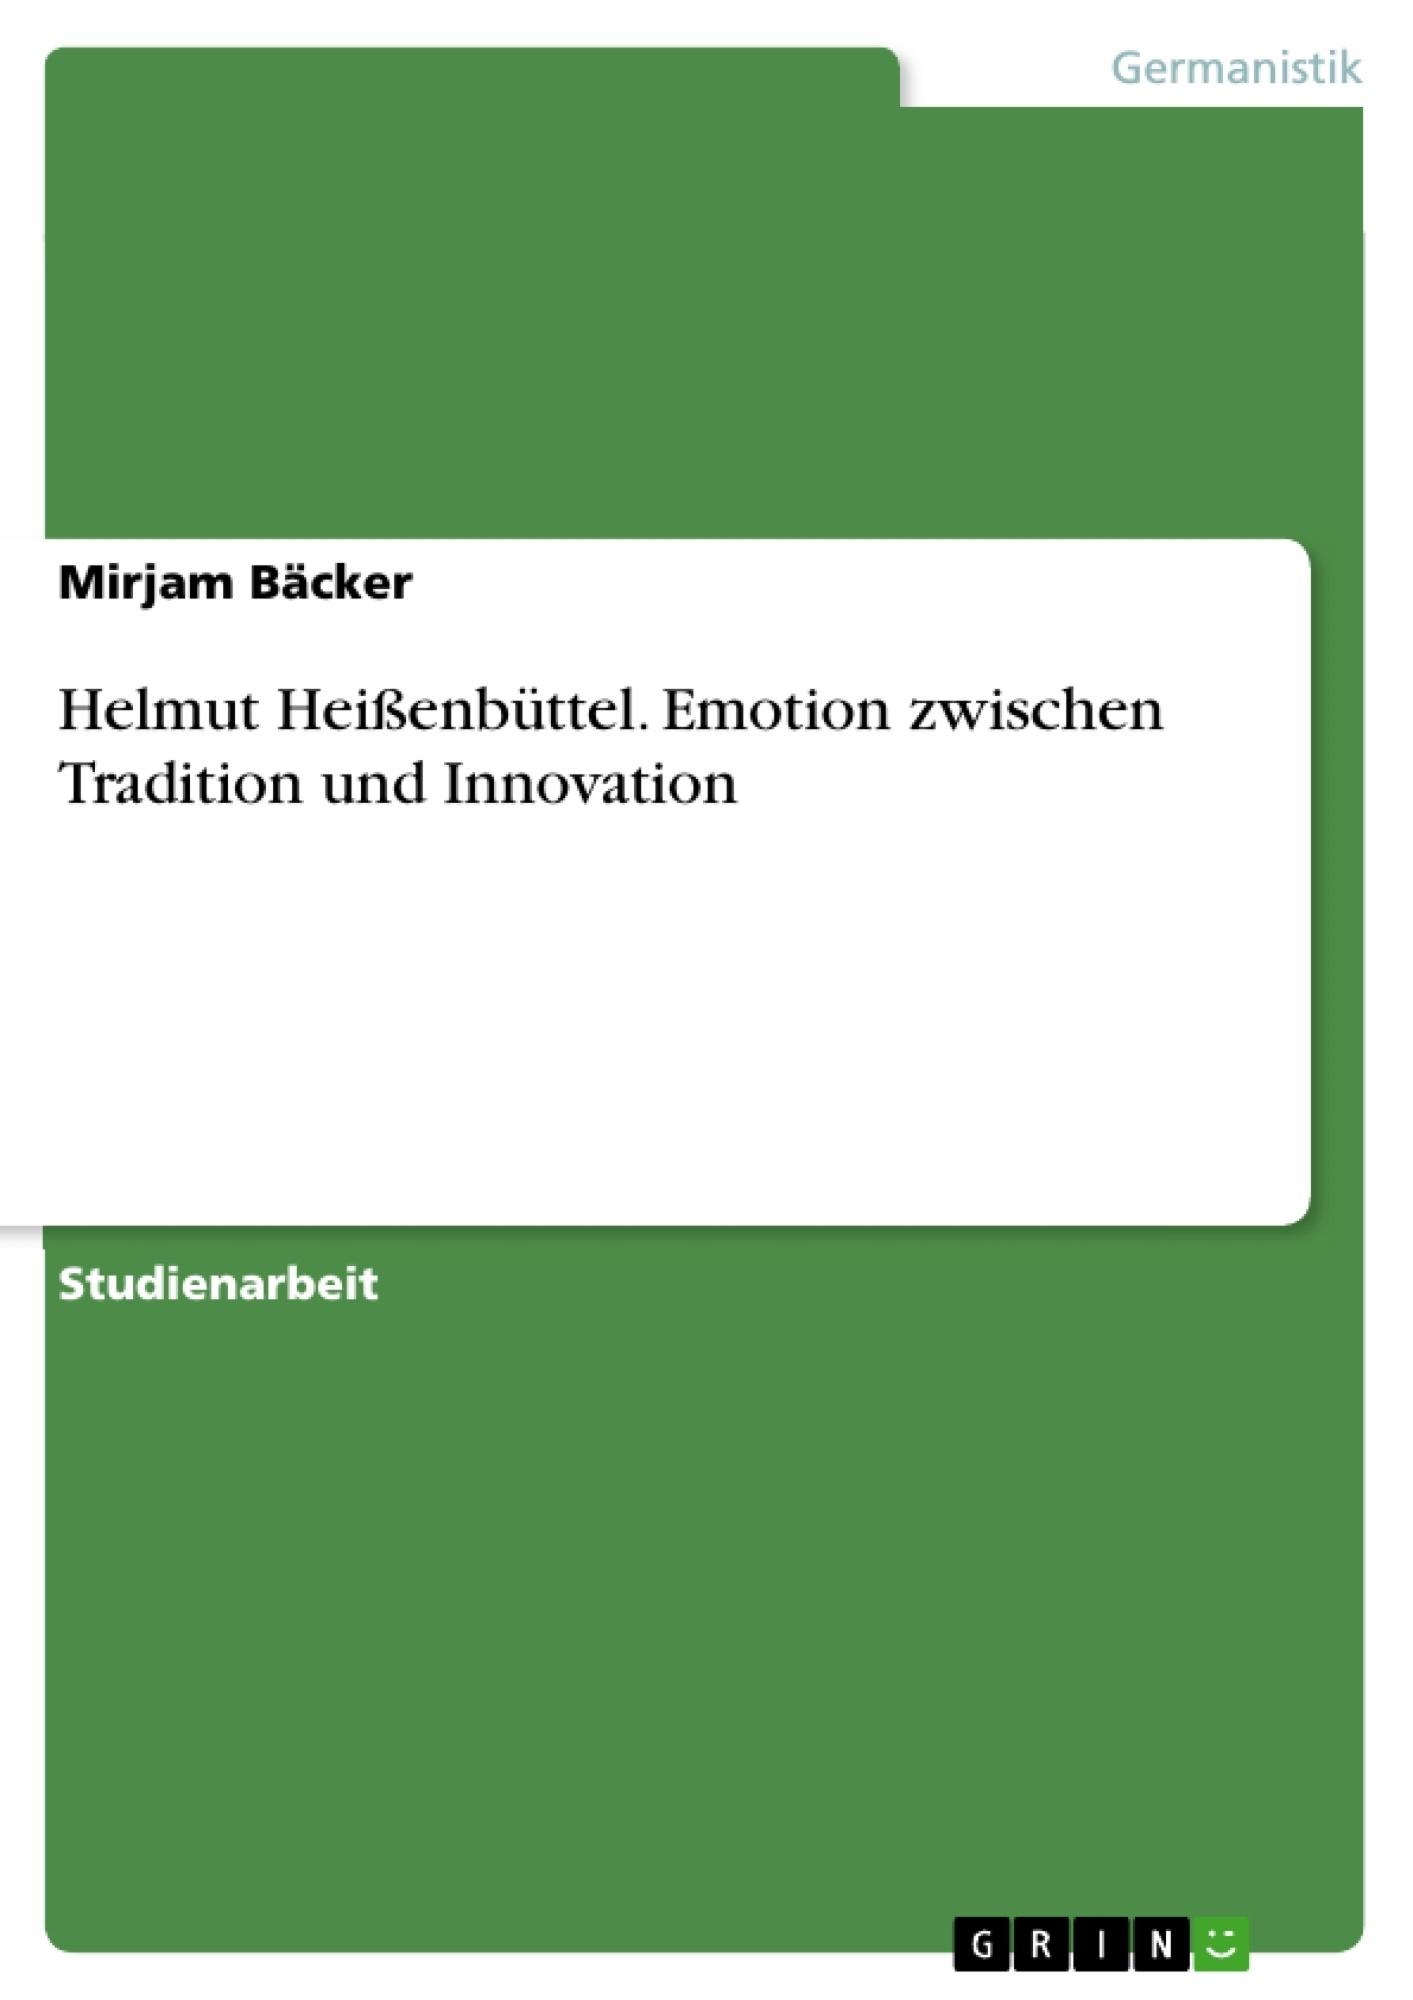 Titel: Helmut Heißenbüttel. Emotion zwischen Tradition und Innovation